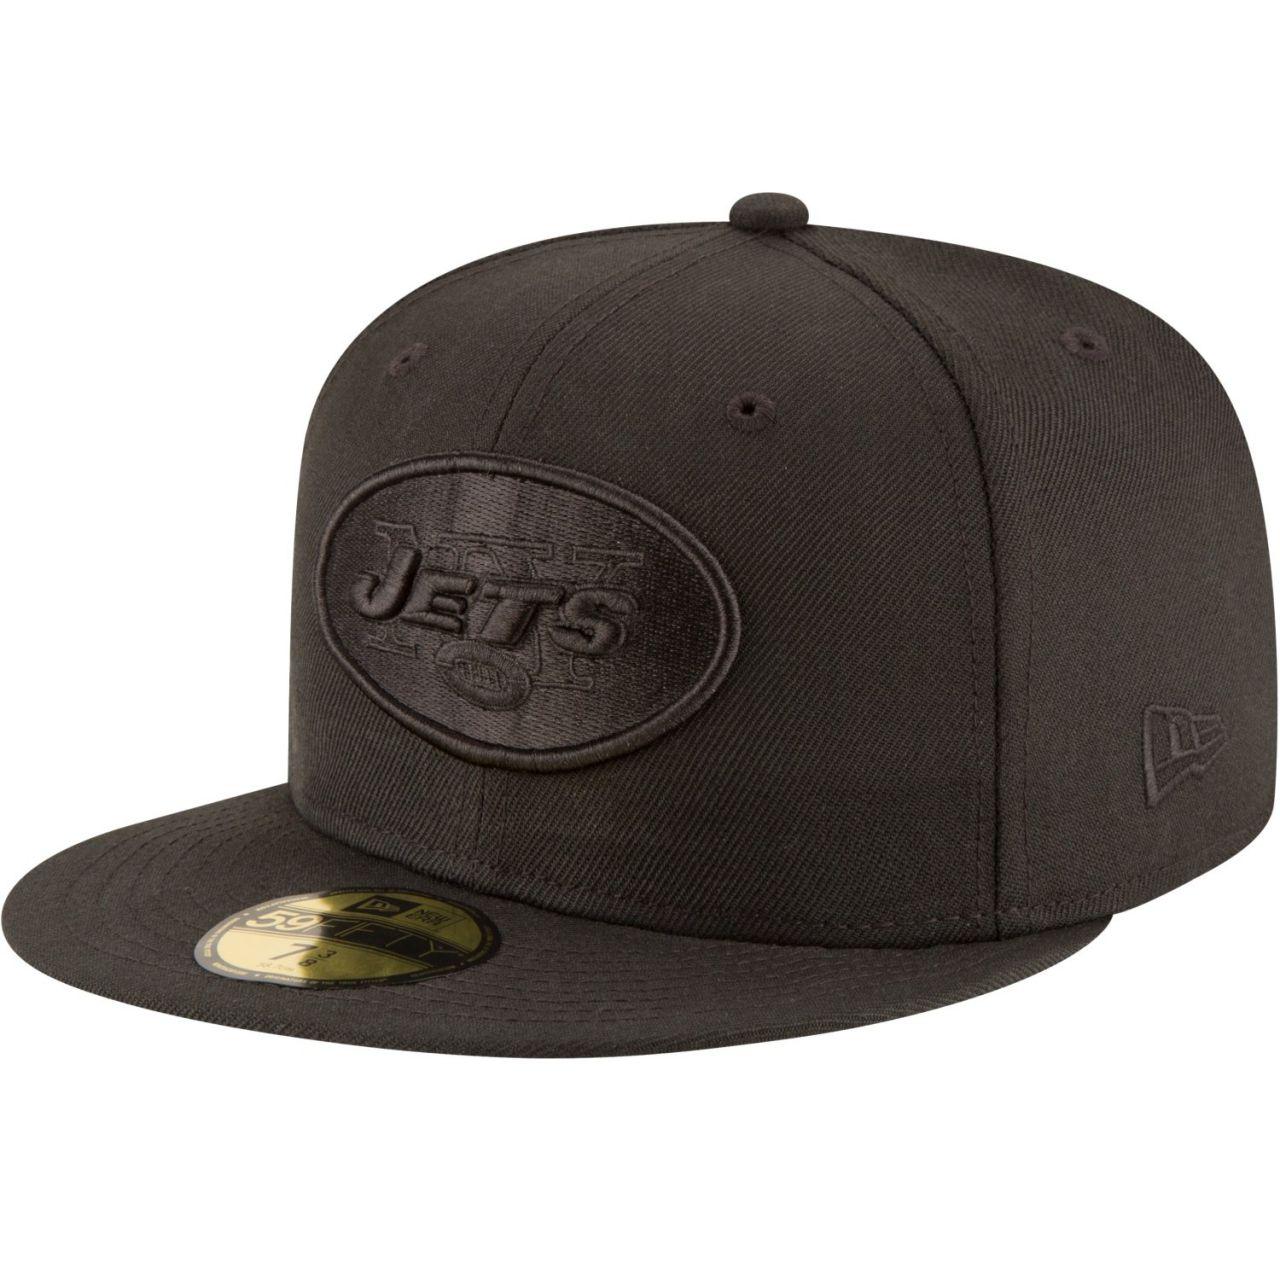 amfoo - New Era 59Fifty Cap - NFL BLACK New York Jets